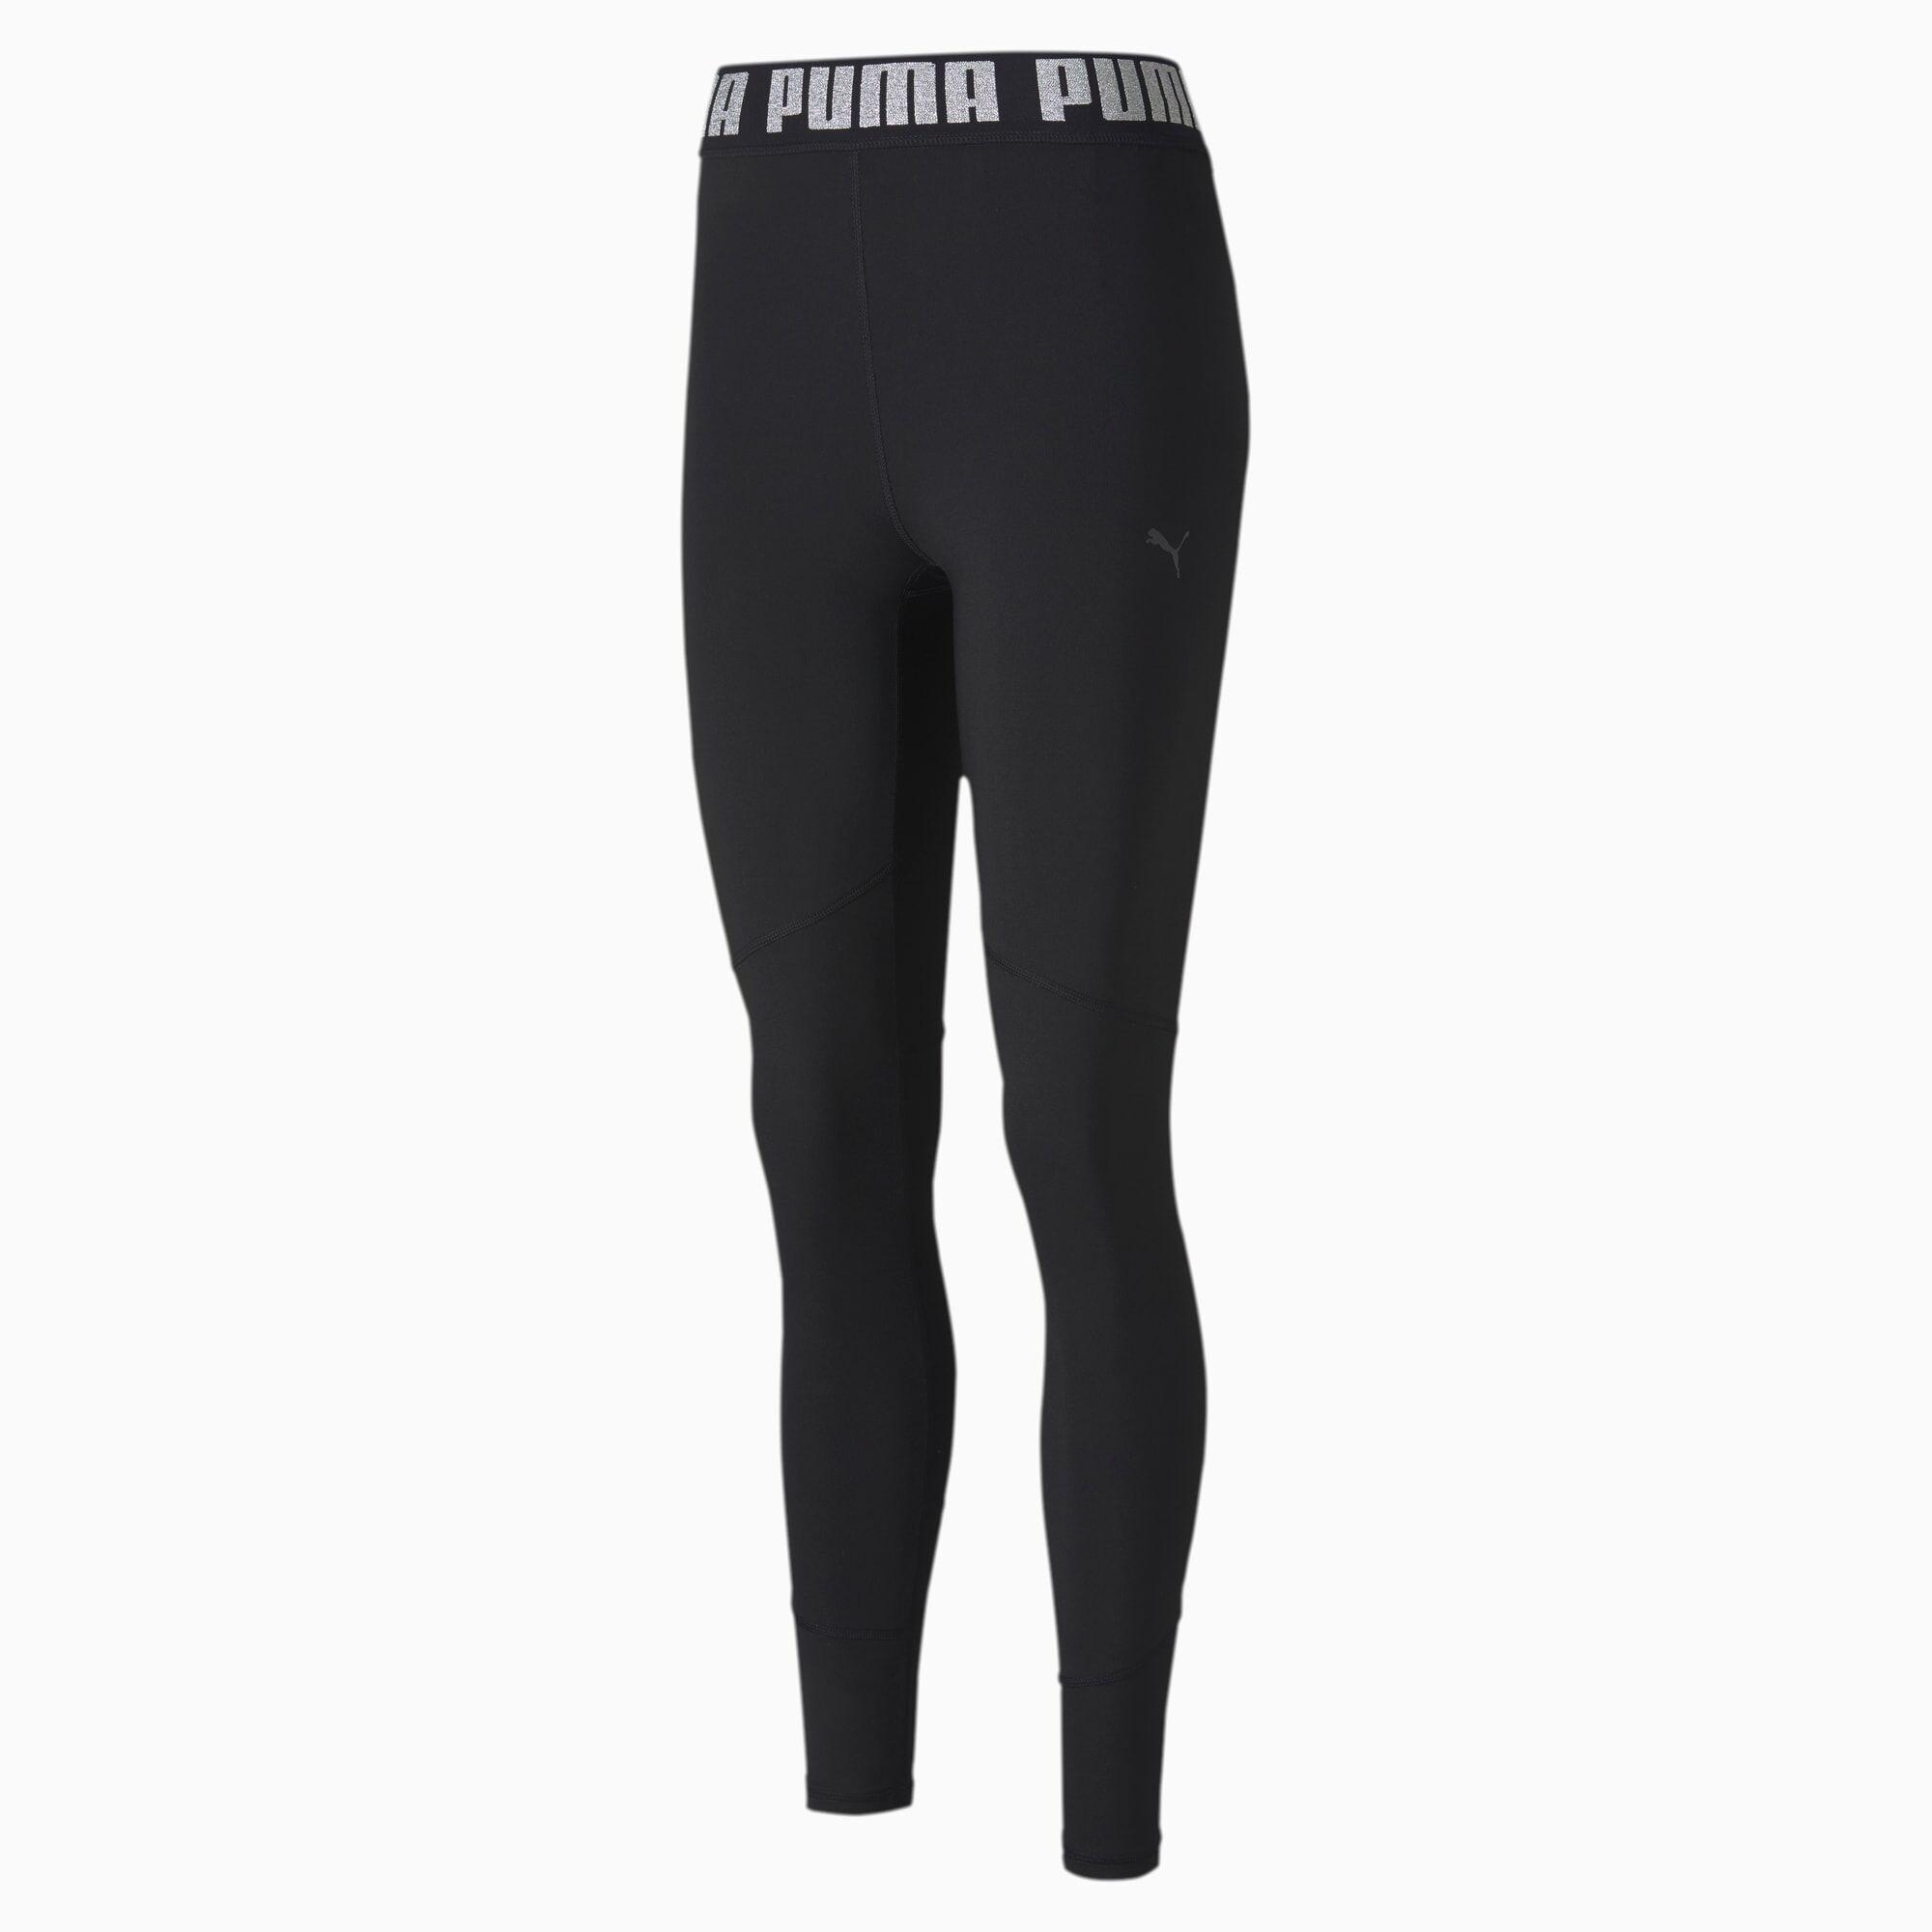 PUMA Collant Favourite Elastic 7/8 Training pour Femme, Noir, Taille L, Vêtements